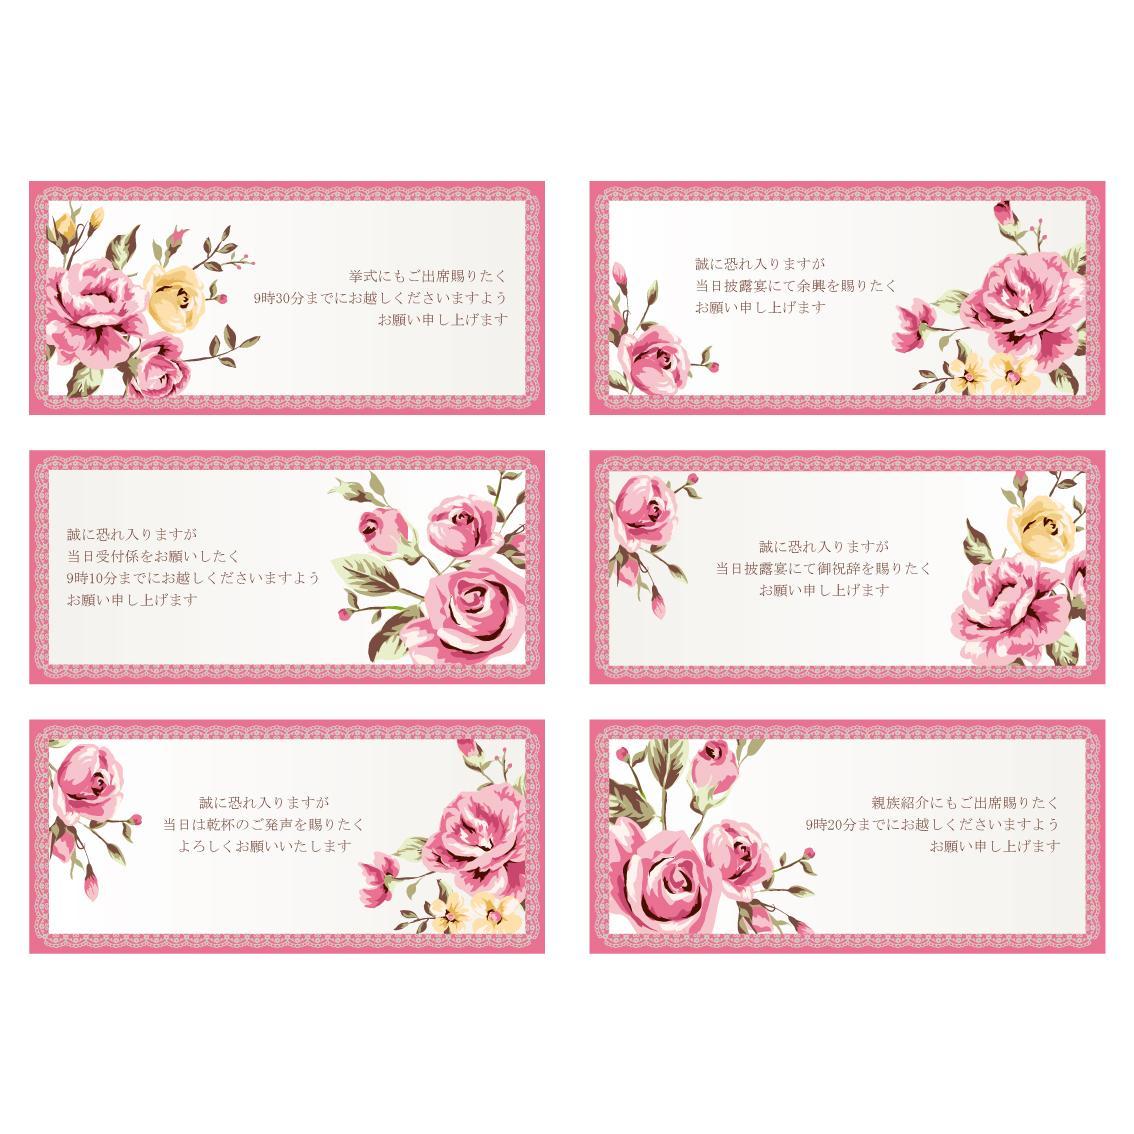 ウェディング招待状♪付箋をデザインします オリジナルなウェディングをご希望の方に! イメージ1